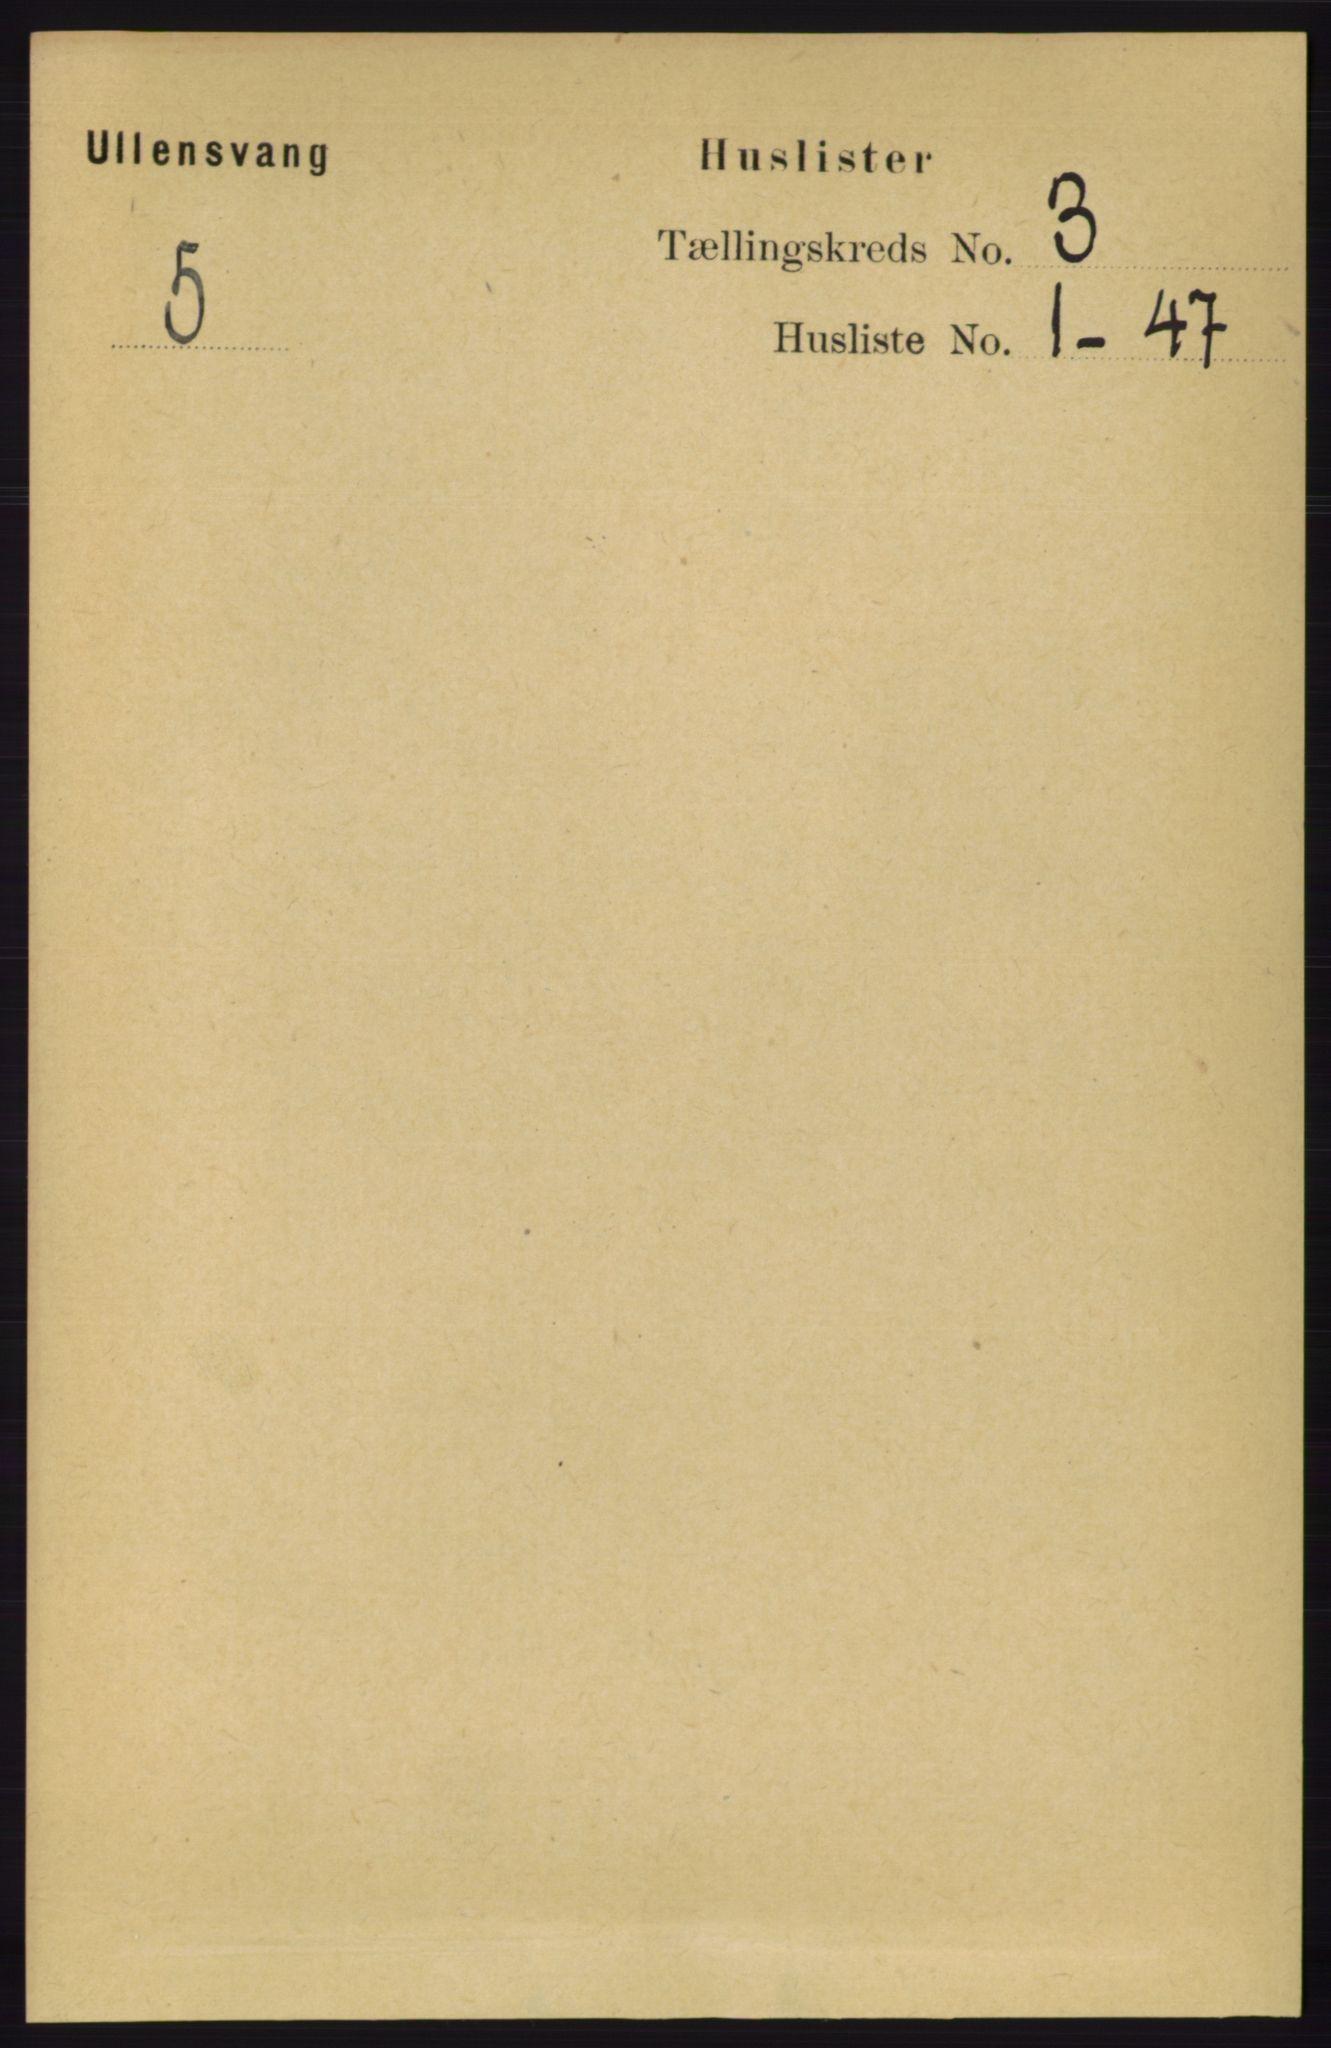 RA, Folketelling 1891 for 1230 Ullensvang herred, 1891, s. 536